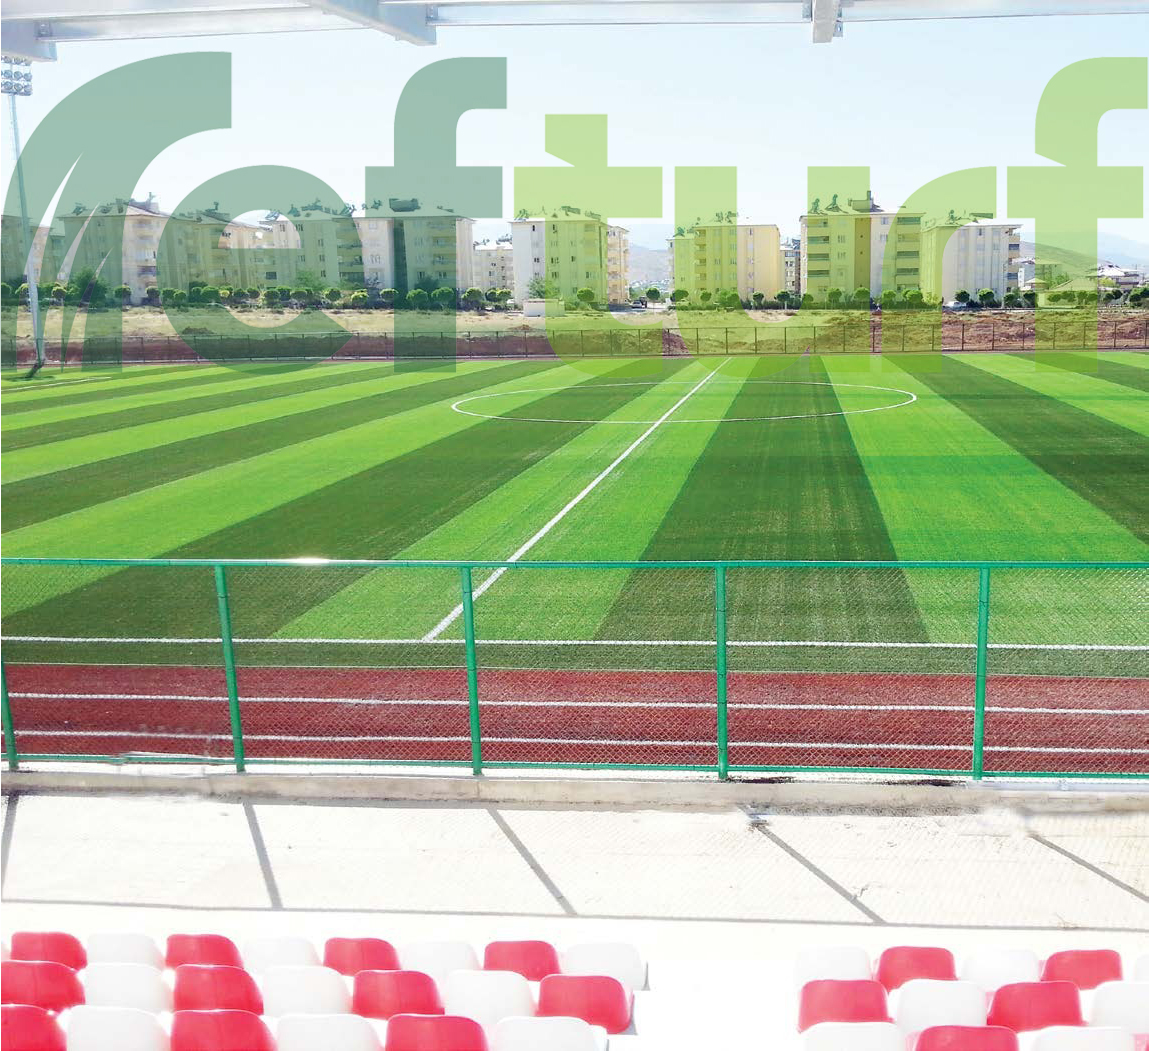 tribün, koltuk, tribün koltuğu, sentetik çim saha, profesyonel stadyum,